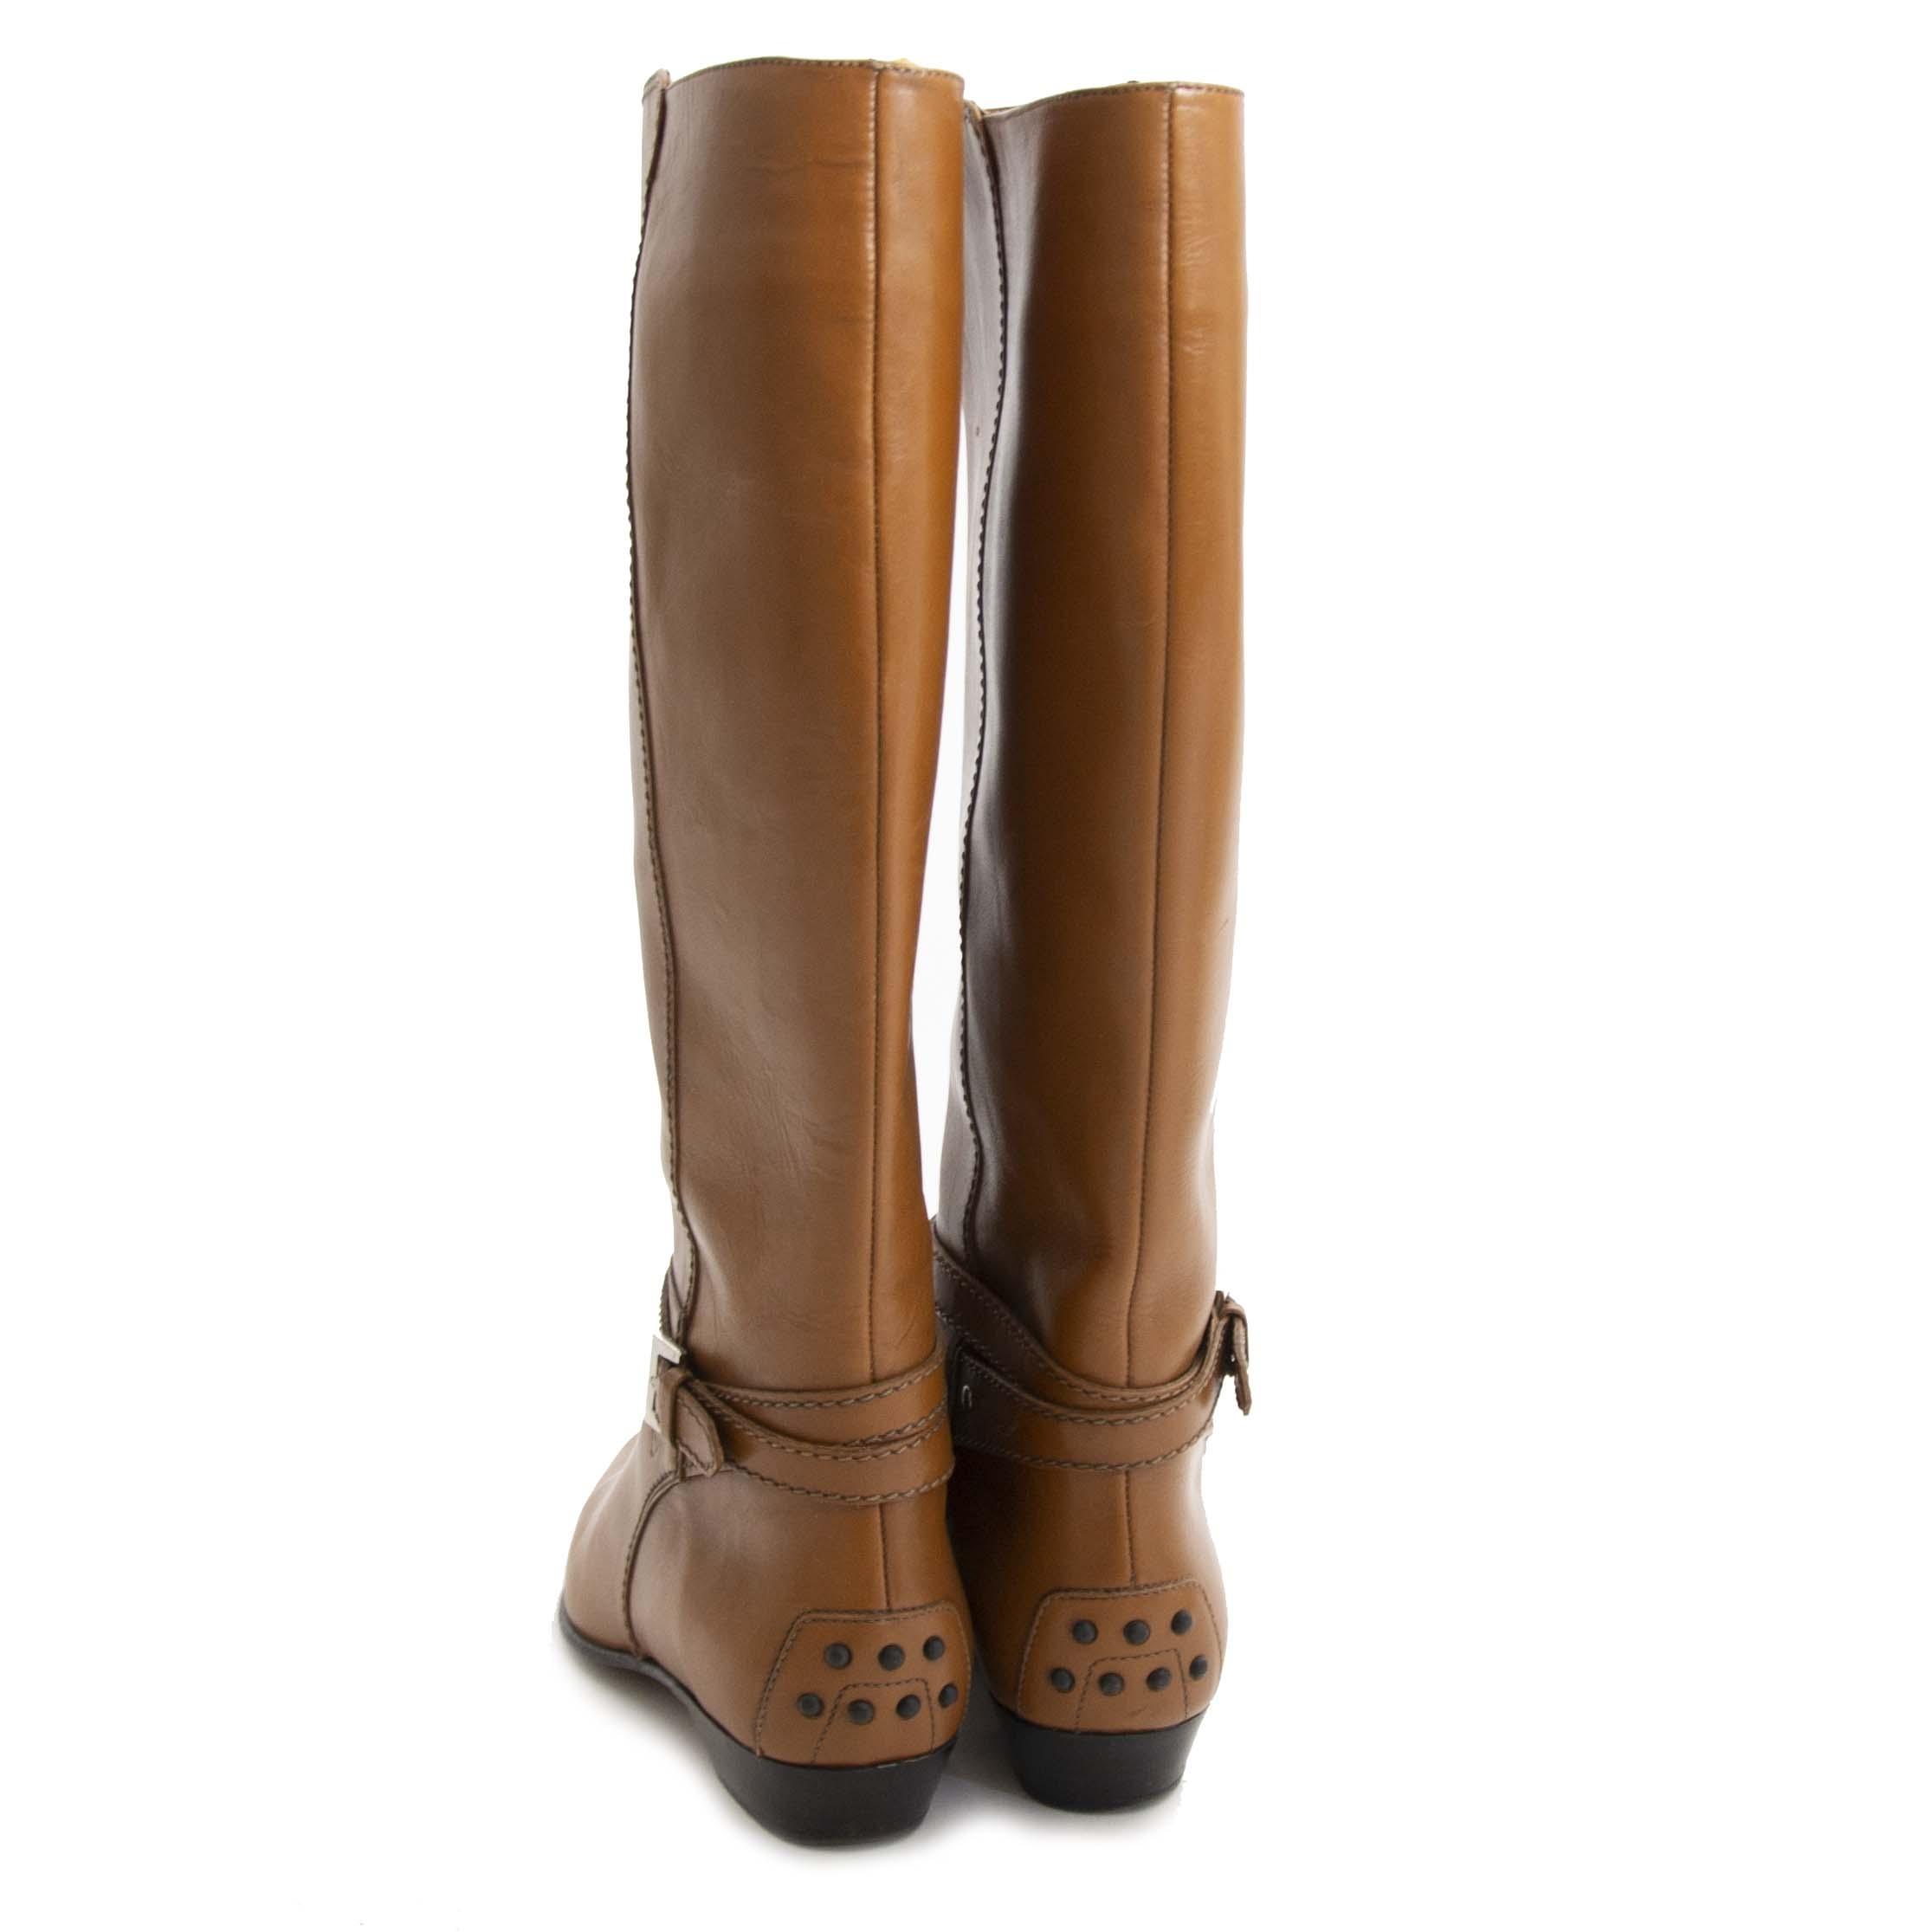 b135528da45 Pour le meilleur prix Tod s Brown Boots - 37 For the best price at LabelLov.  Pour le meilleur prix